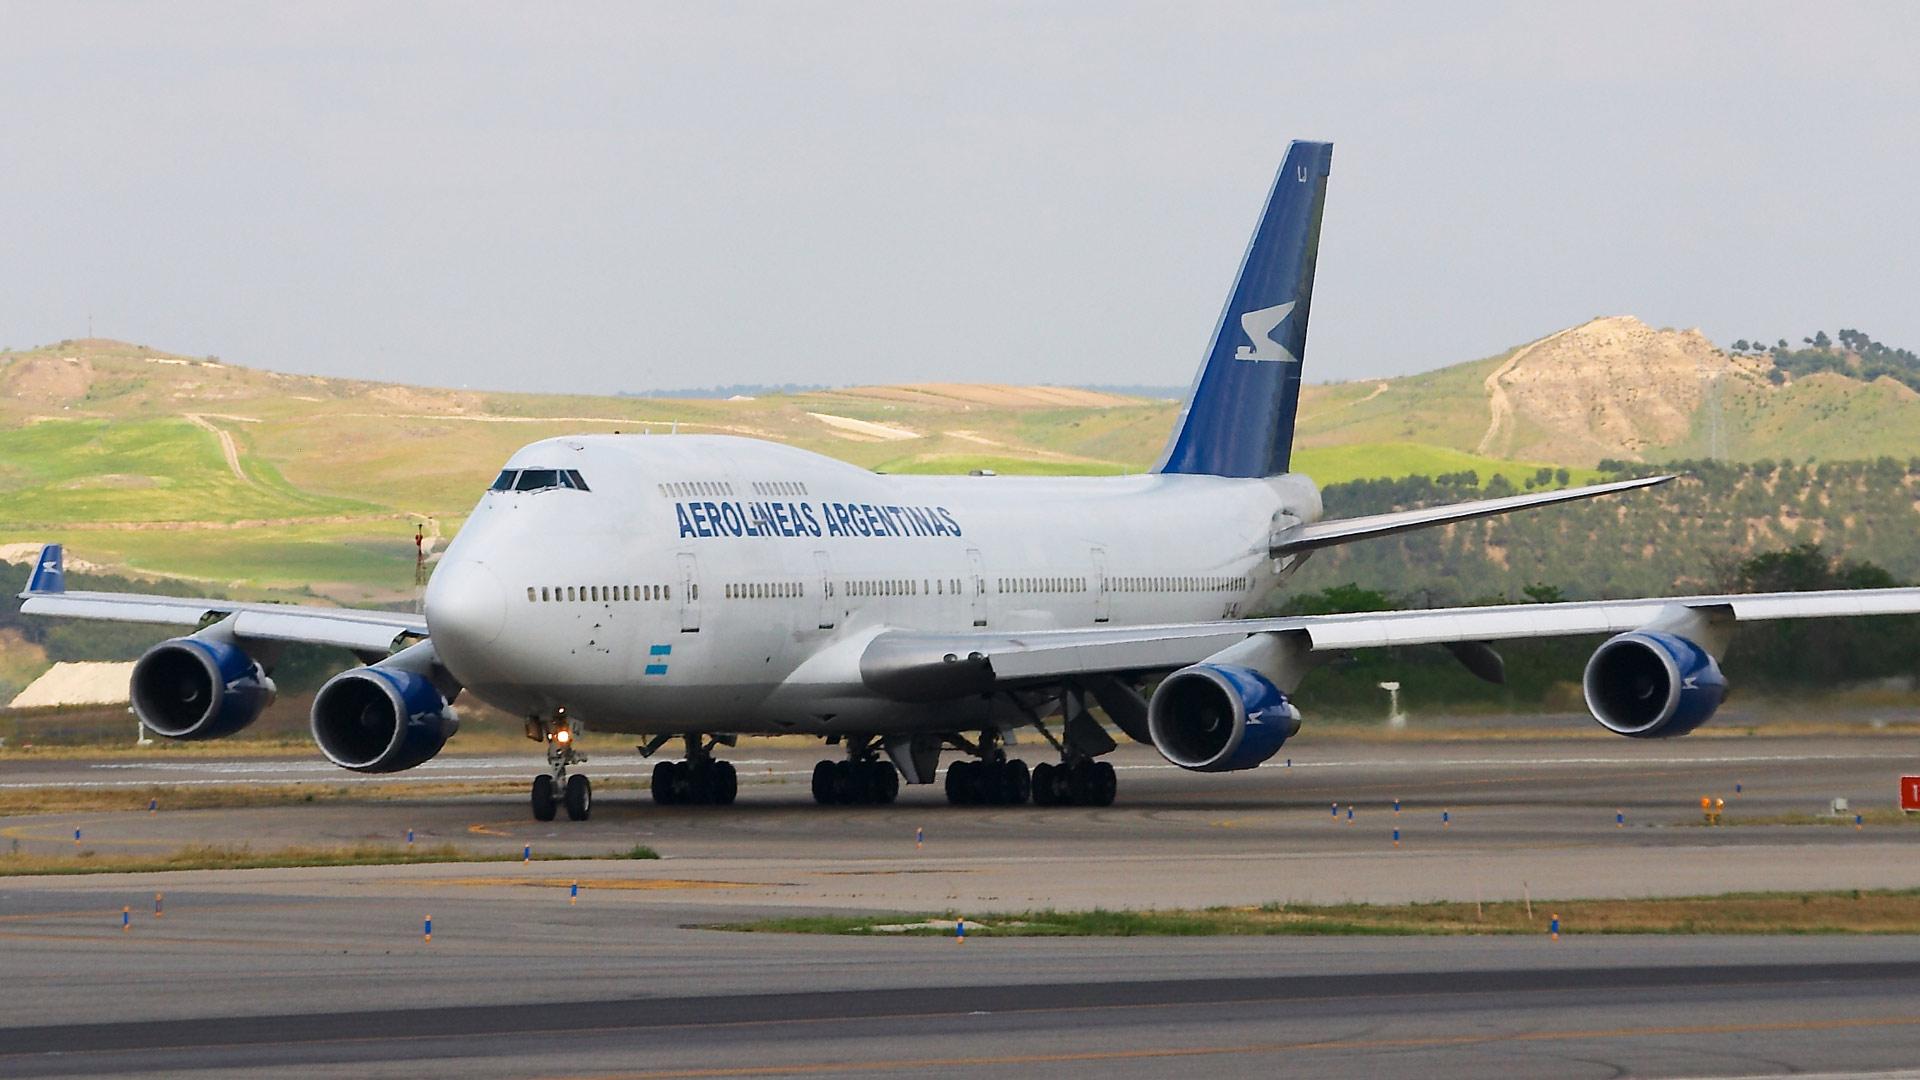 El personal del call center de Aerolíneas Argentinas recibió una llamada intimidatoria